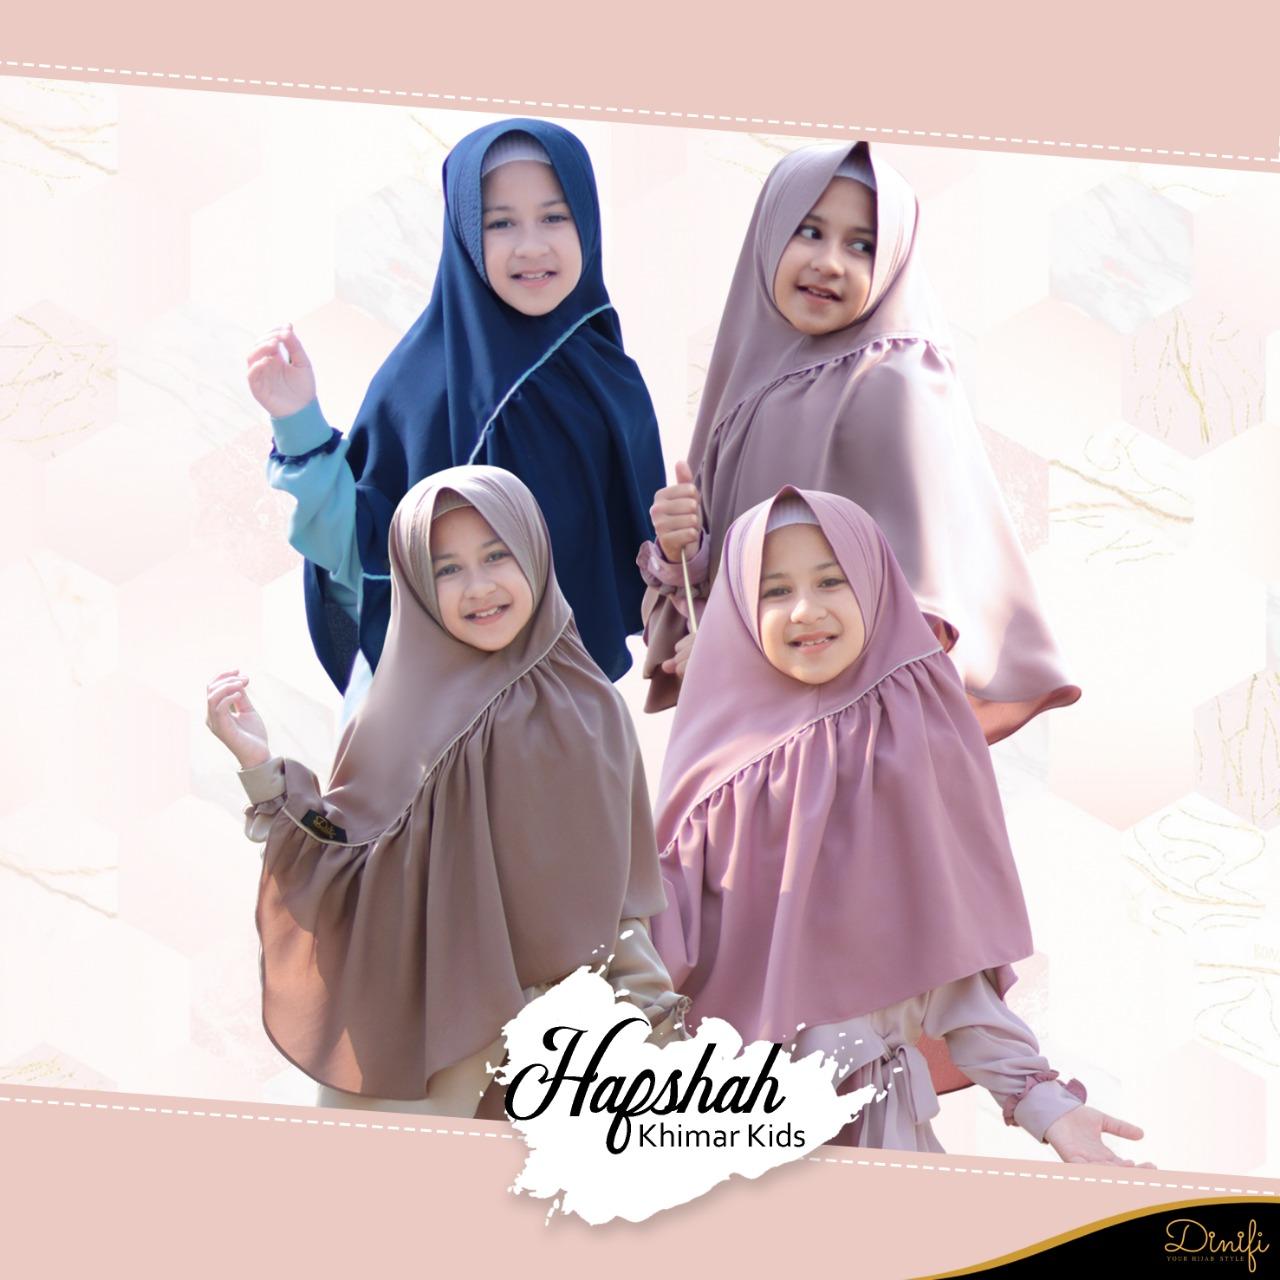 Khimar Hafshah Kids